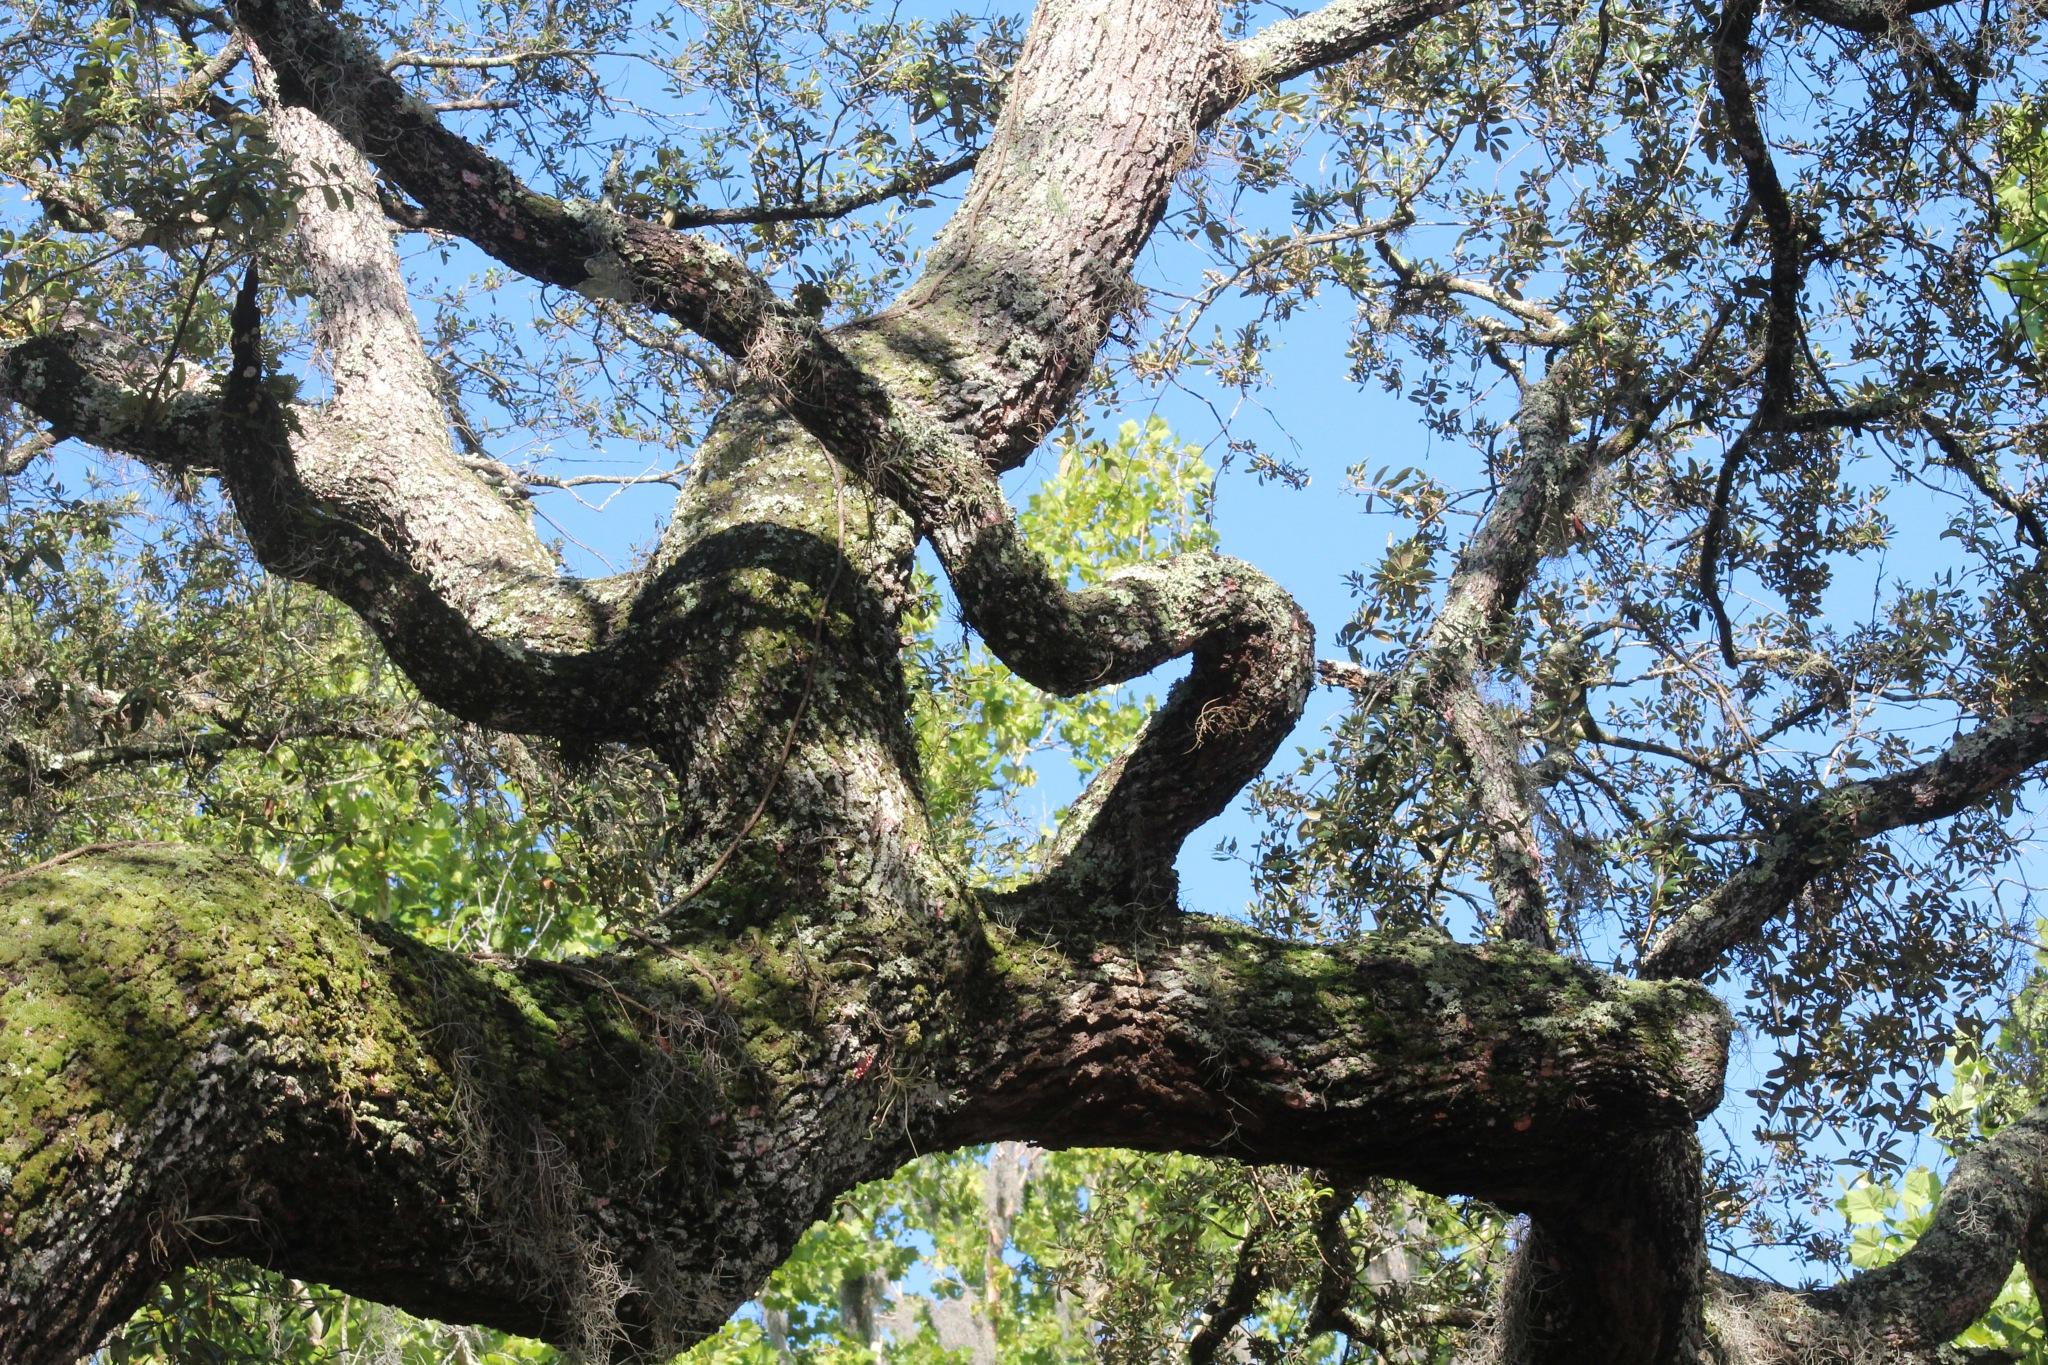 Heart Tree by Diane.Mumbower